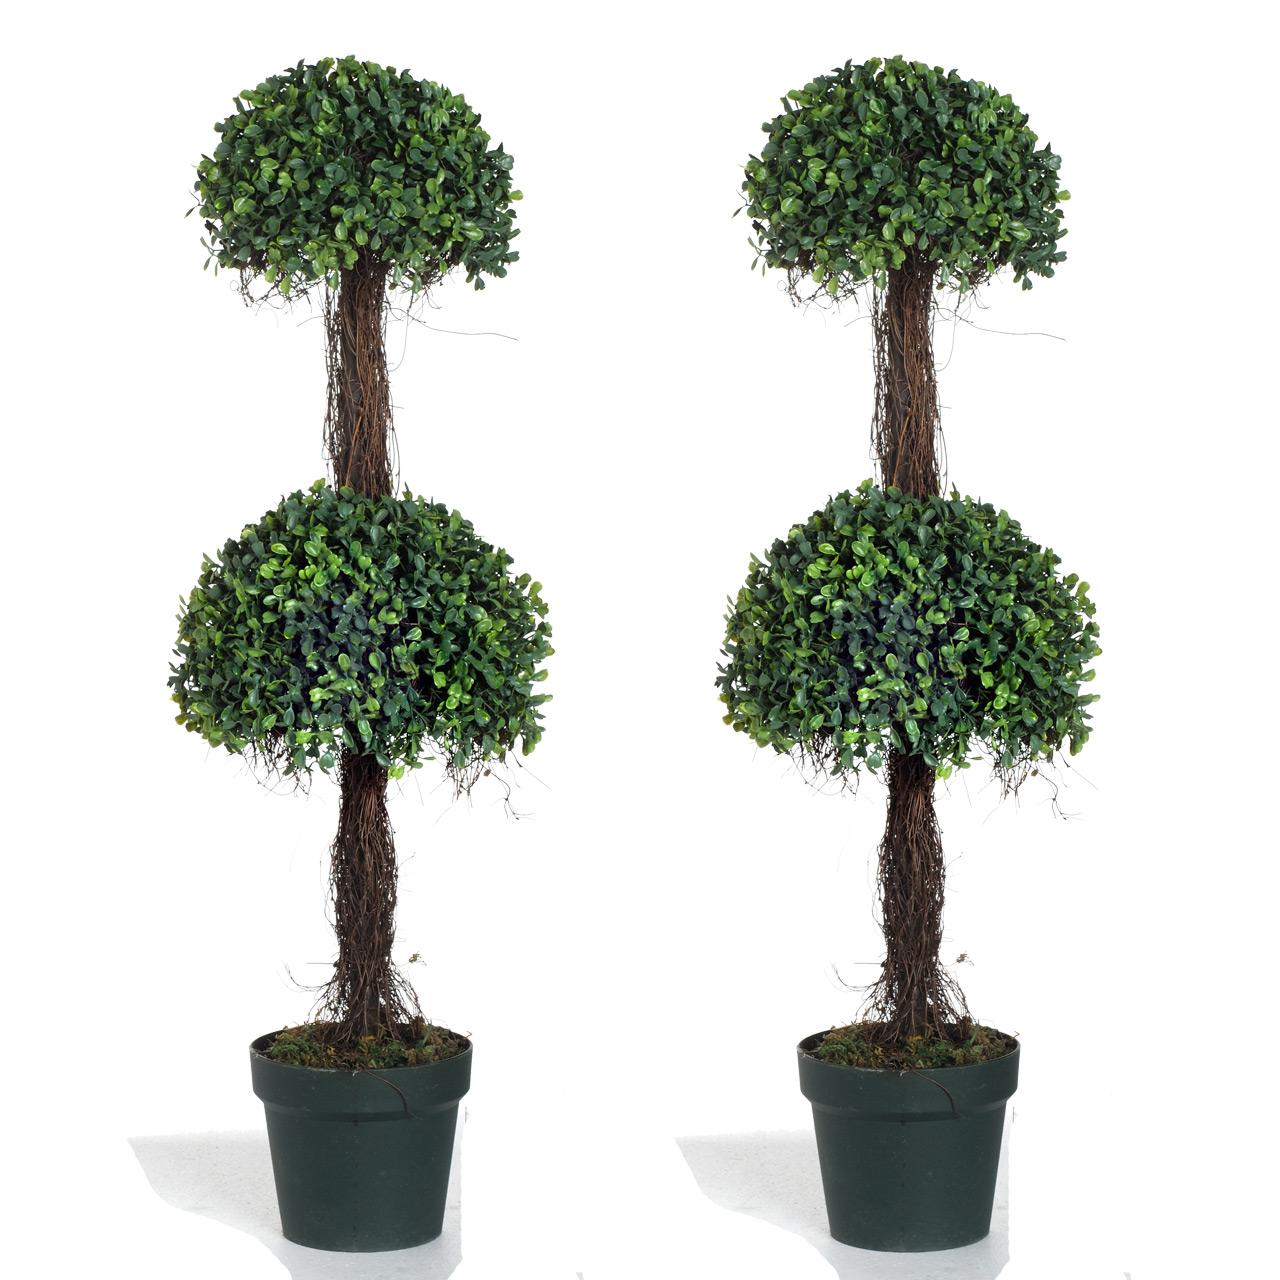 {} ARTEVALUCE Искусственное растение Kiara (91 см - 2 шт) lefard искусственное растение arley 85 см